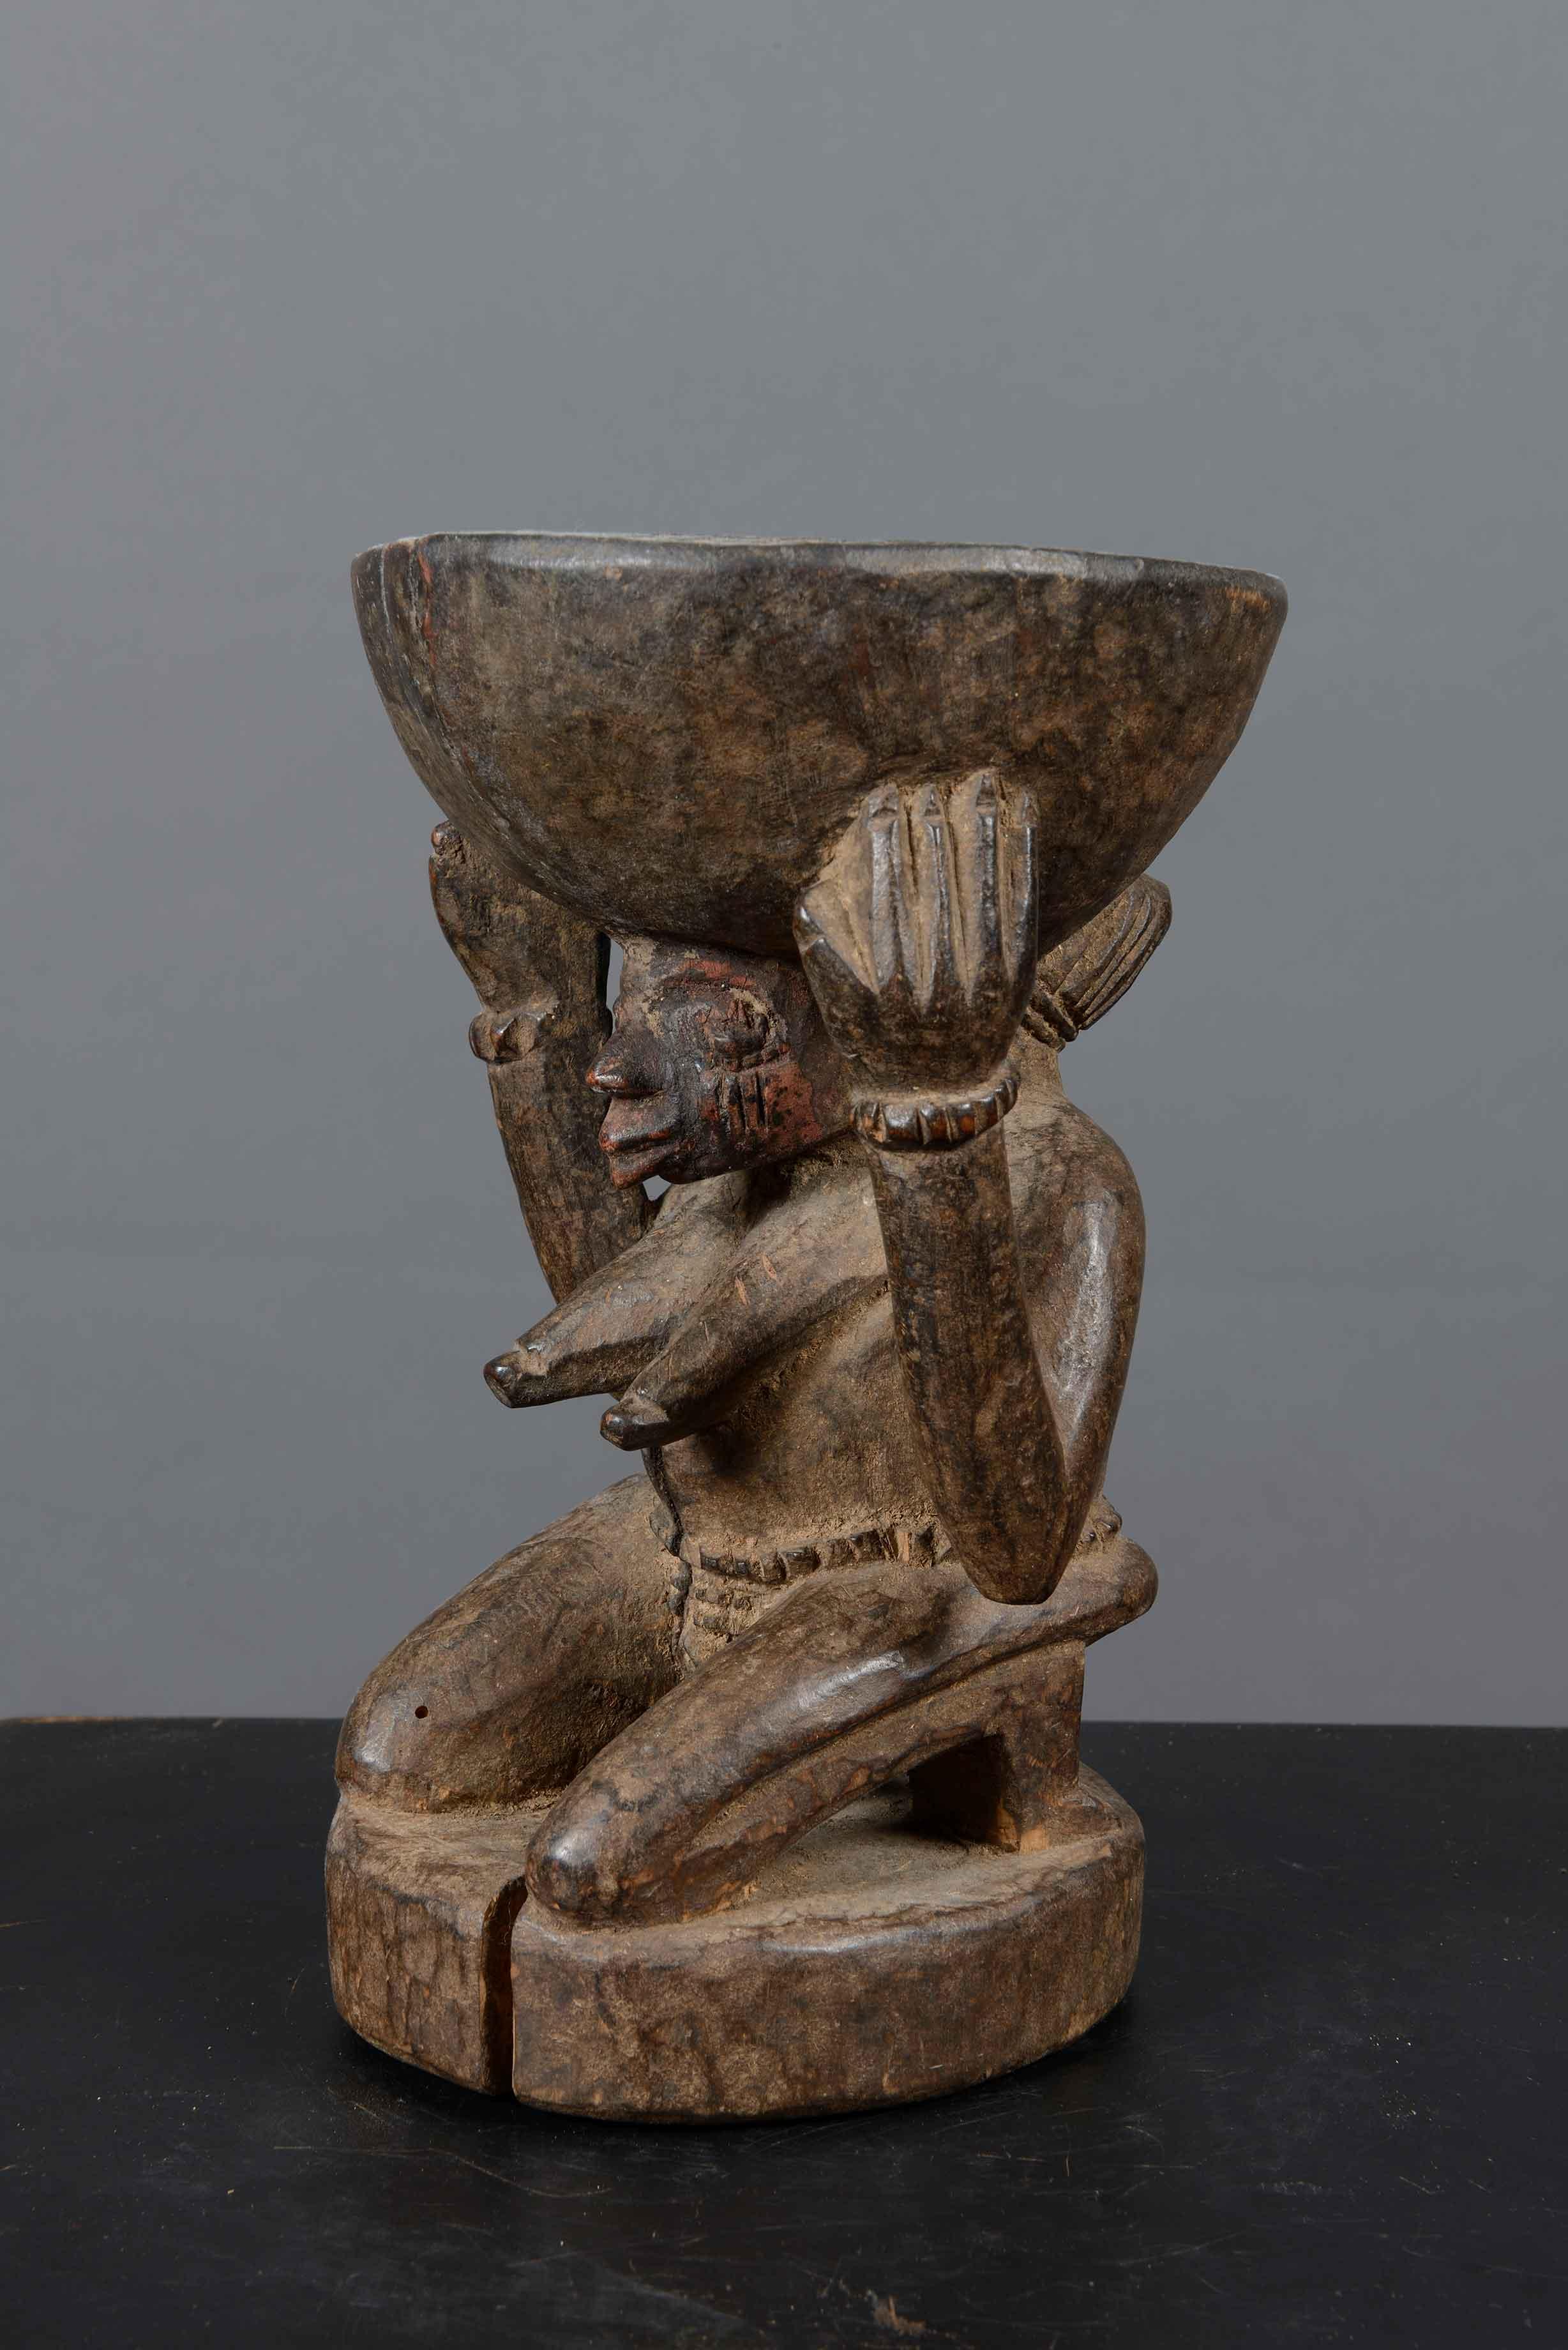 Copa Agere Ifa - Cultura yoruba. (Nigeria)